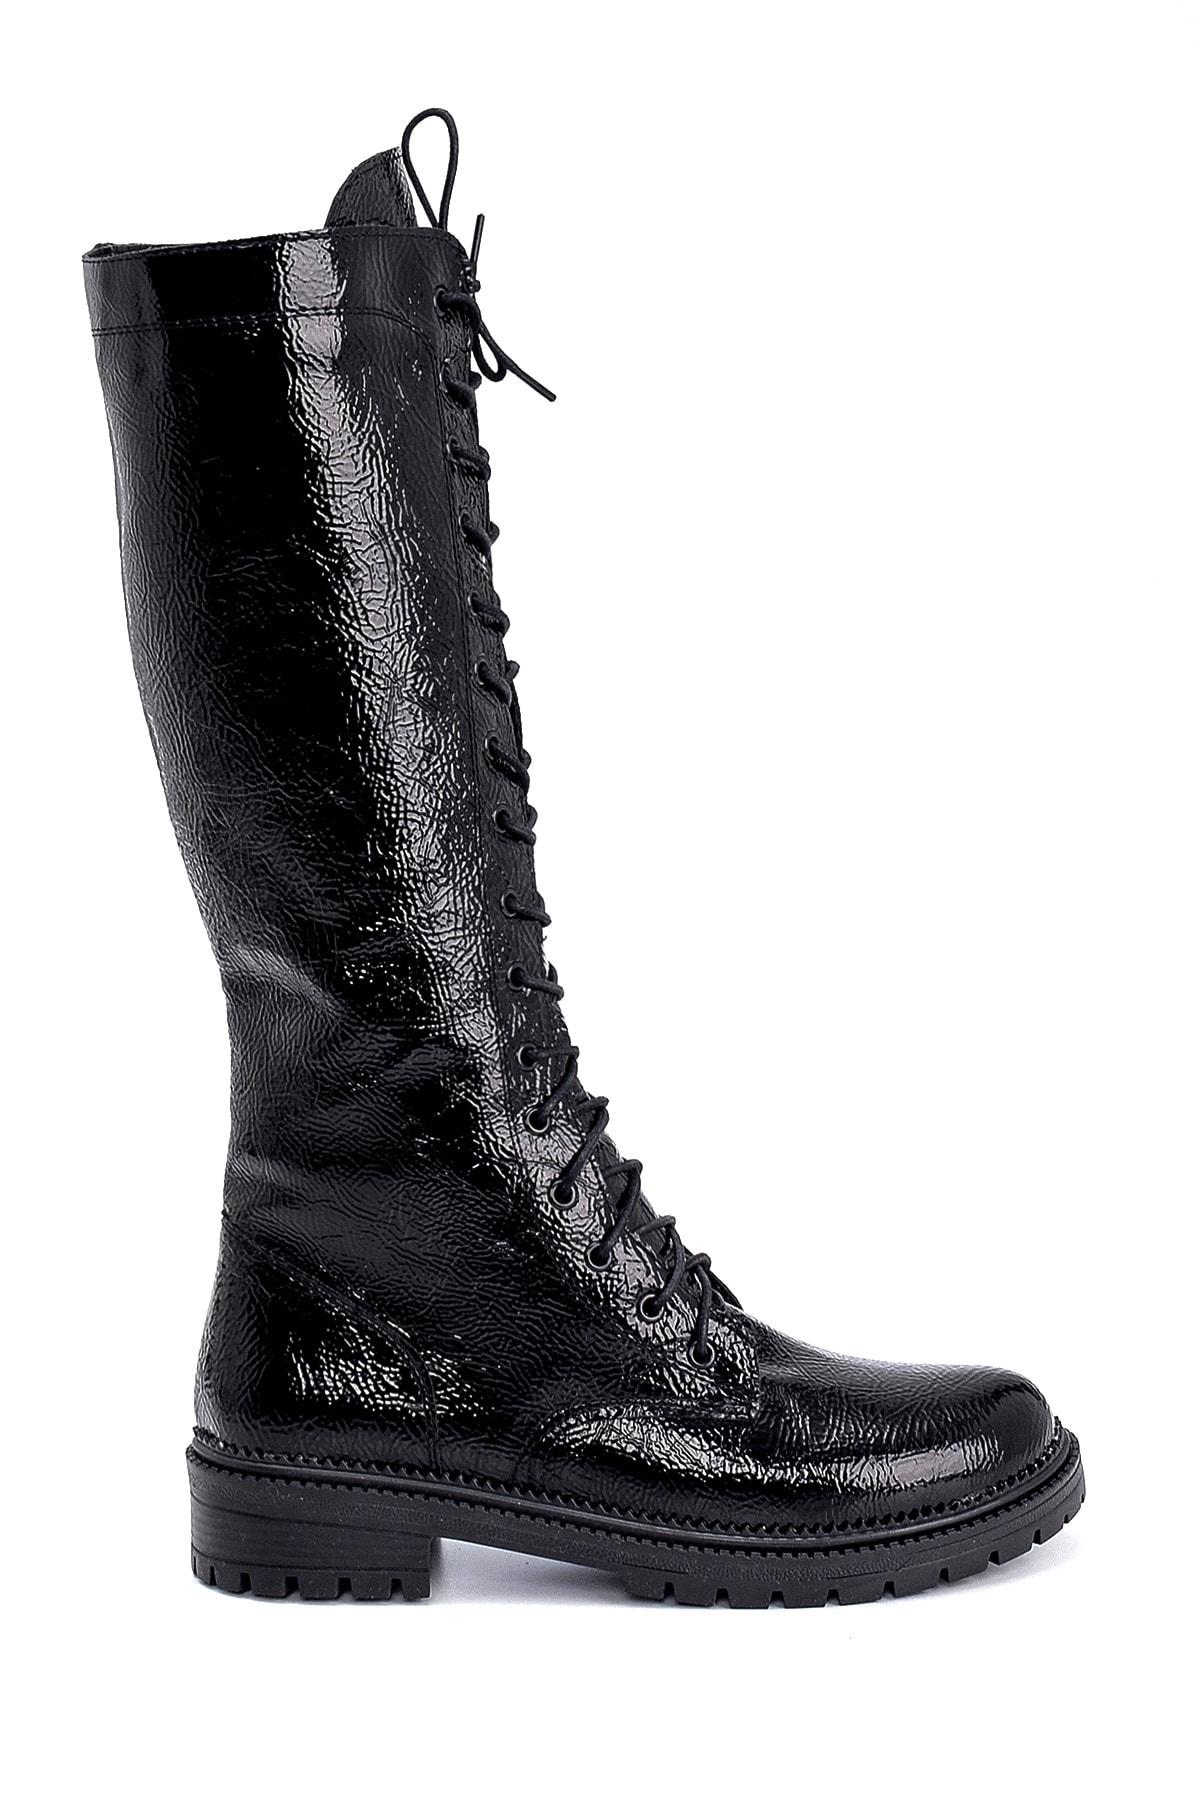 Derimod Kadın Siyah Kırışık Rugan Bağcıklı Çizme 1